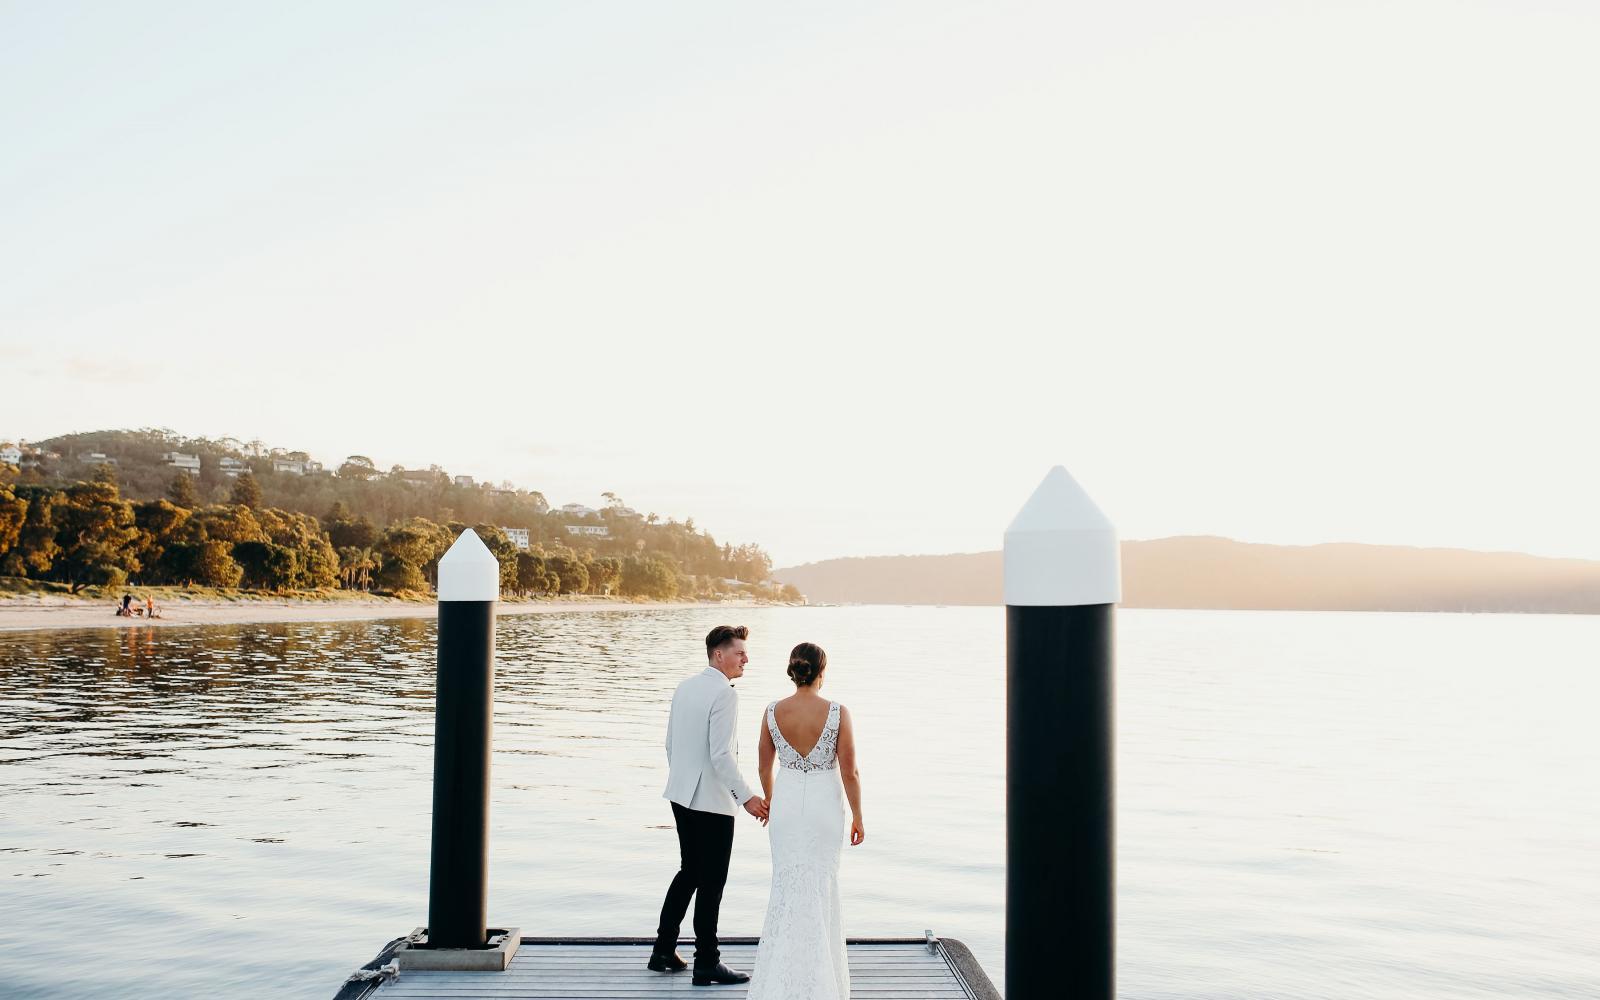 sydney wedding venue boathouse